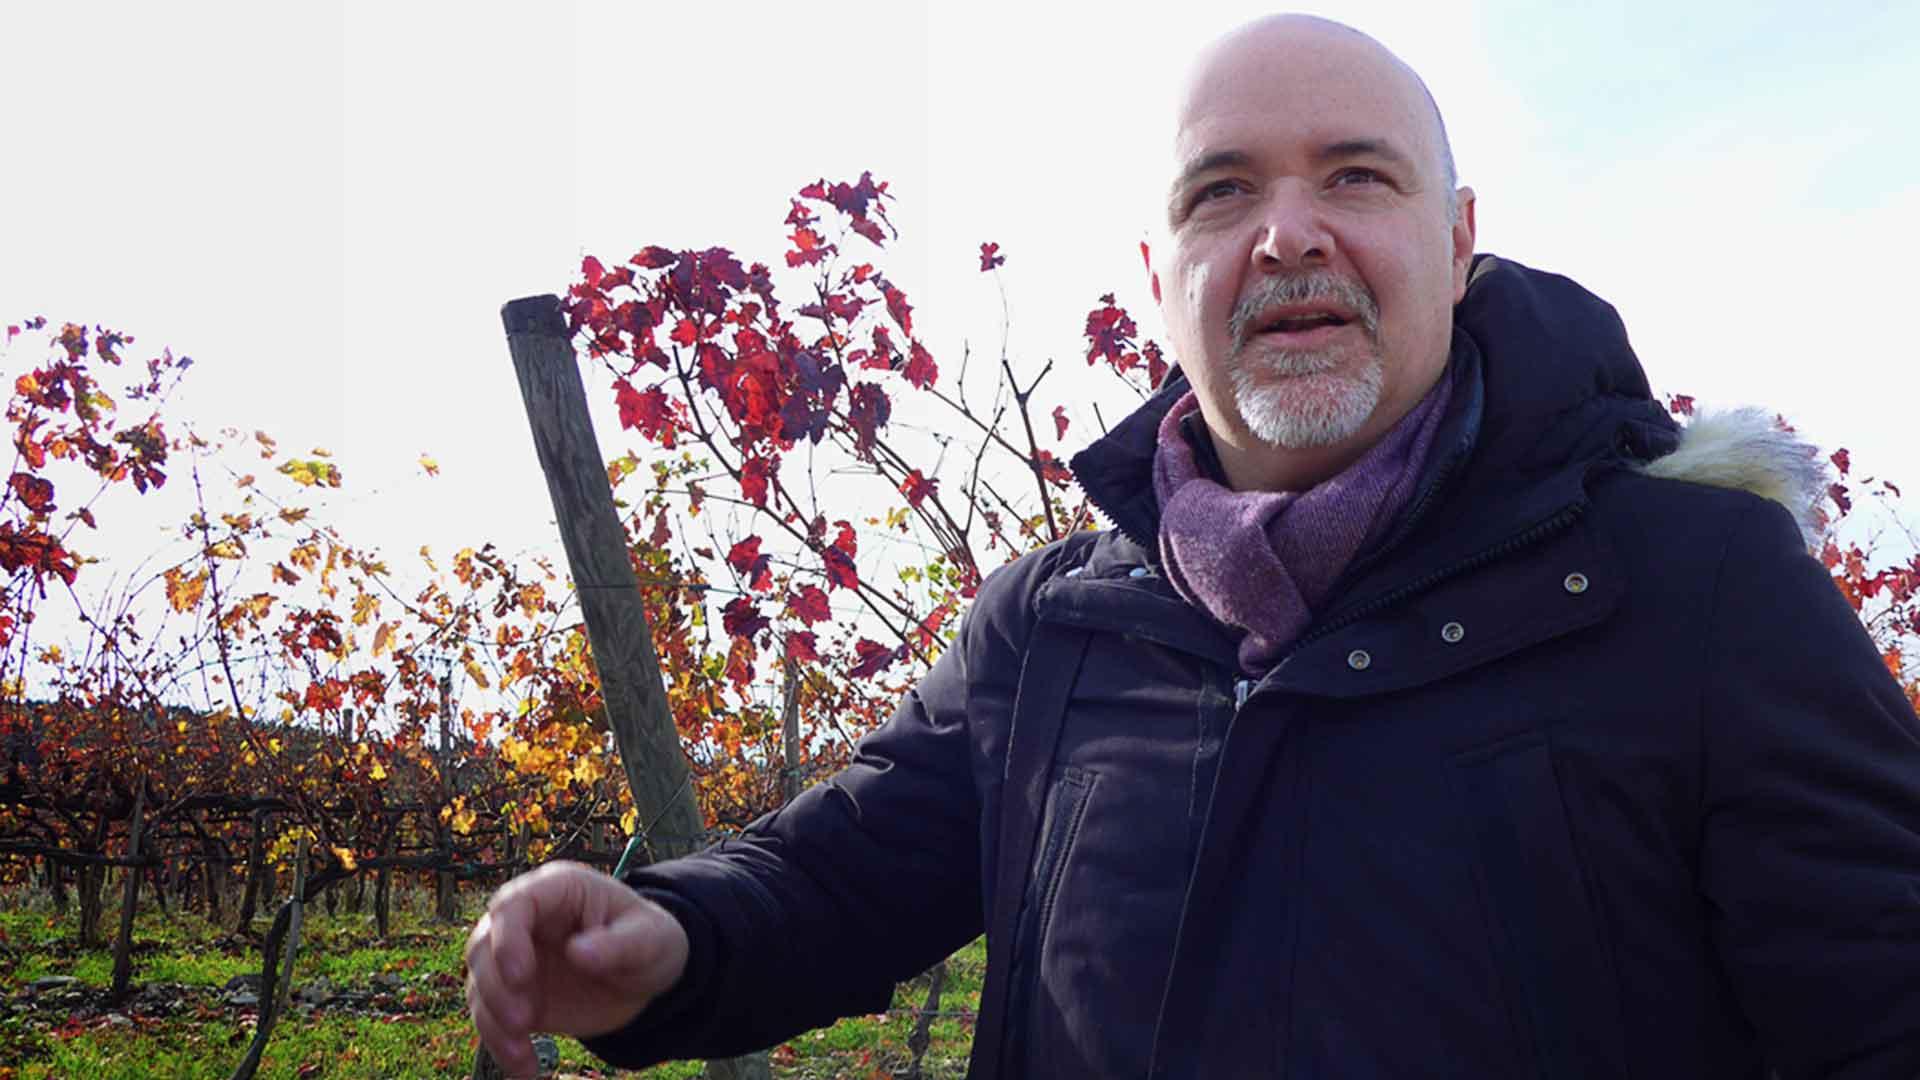 Ruffino Riserva Ducale Vendemmia 1977 and 1988